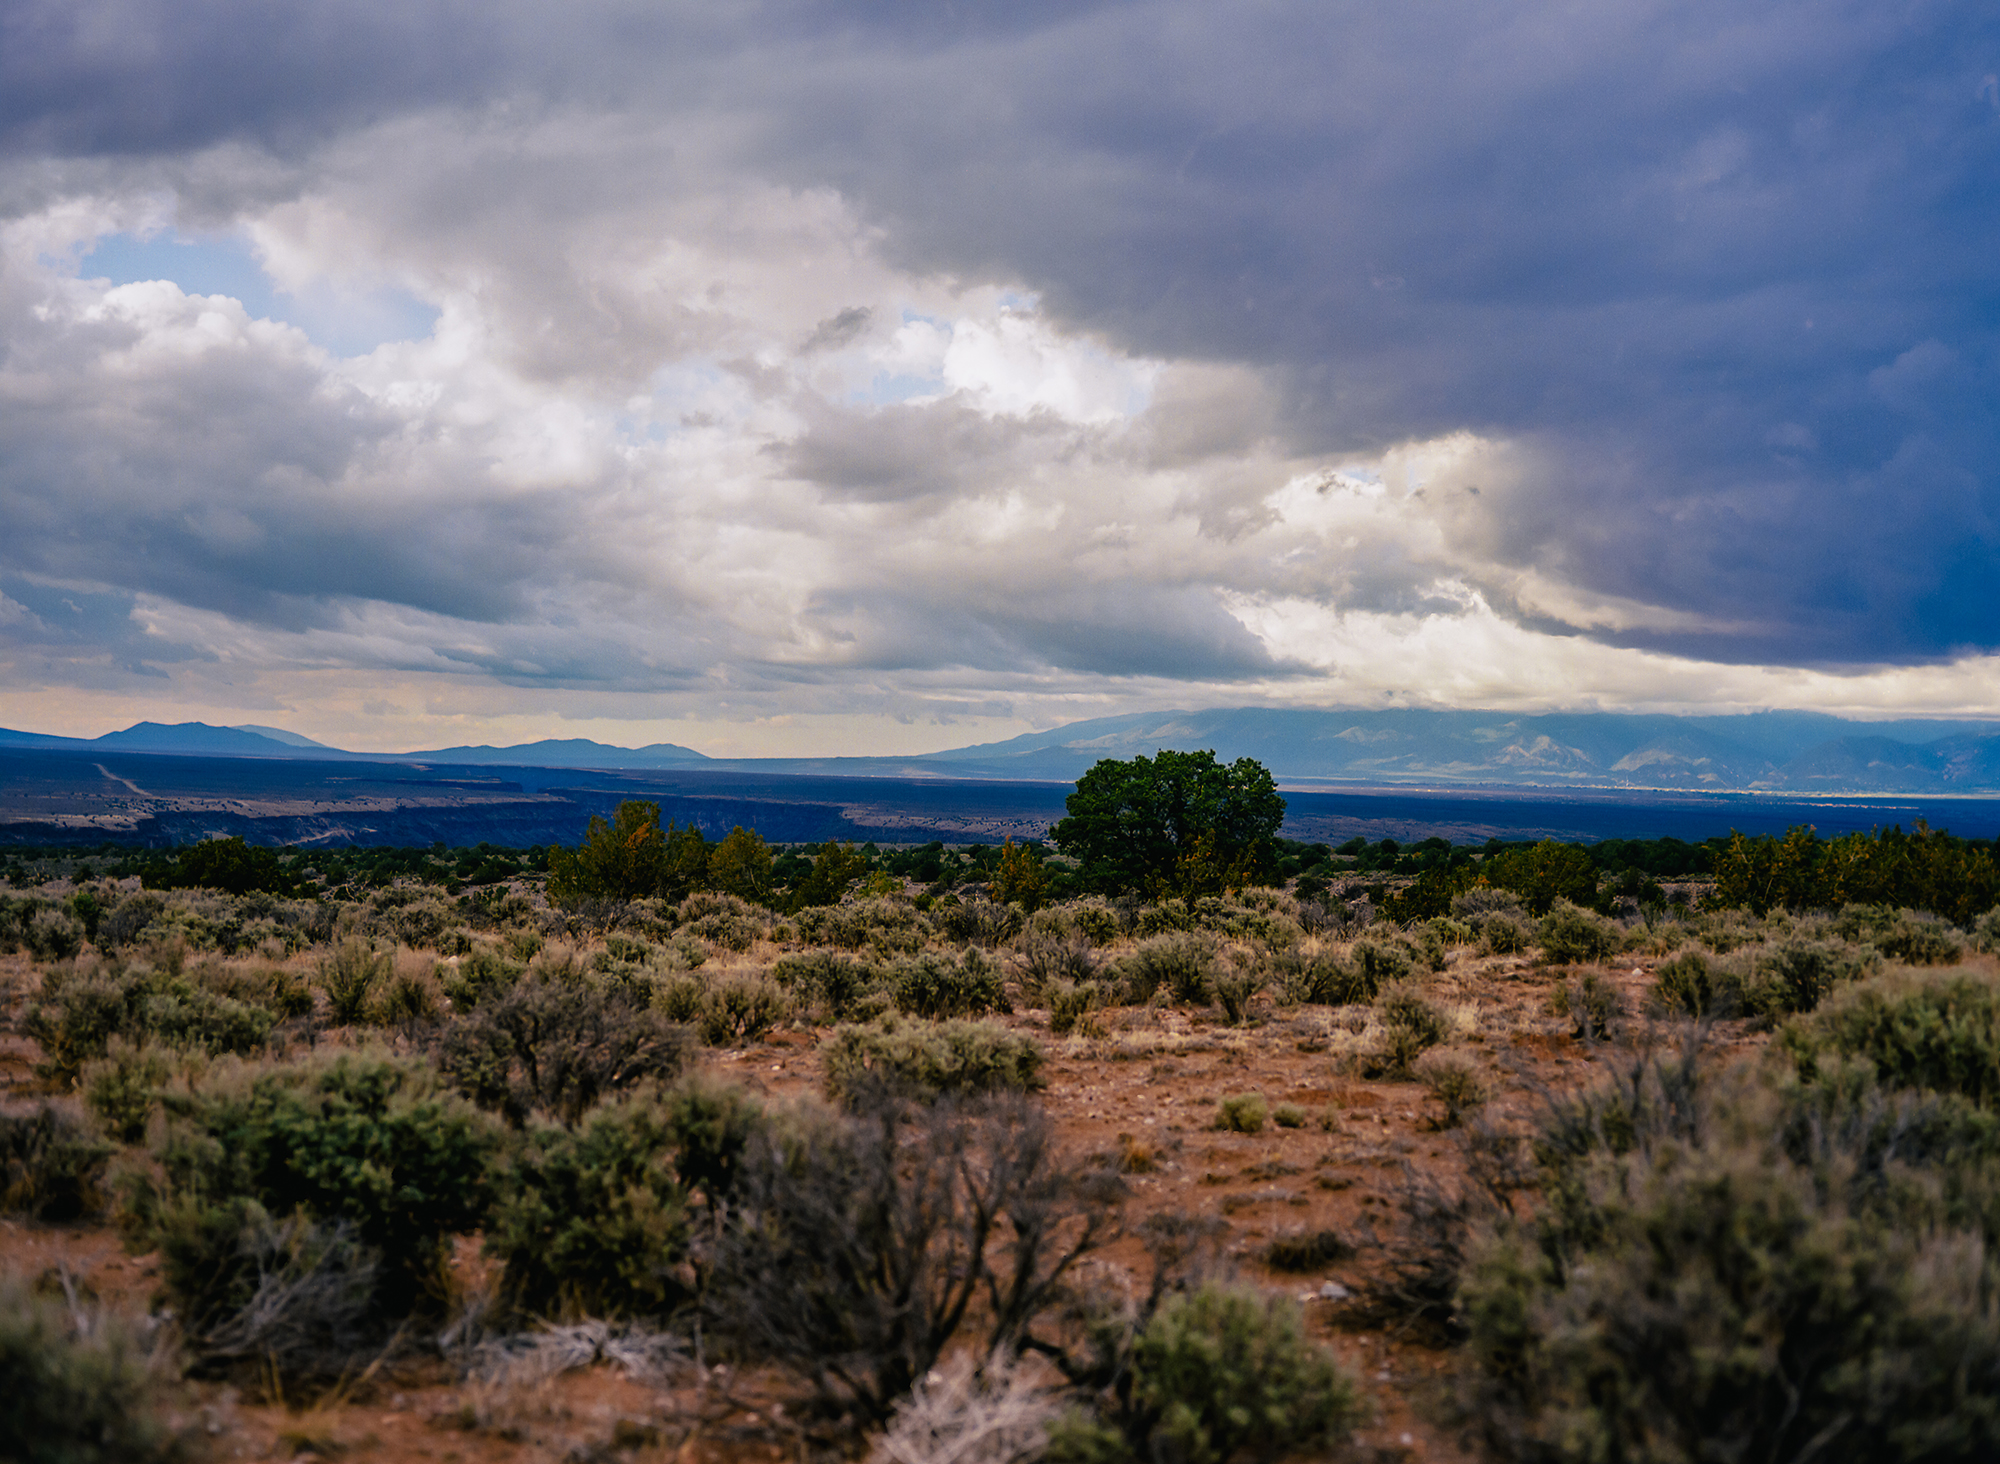 Santa Fe, NM